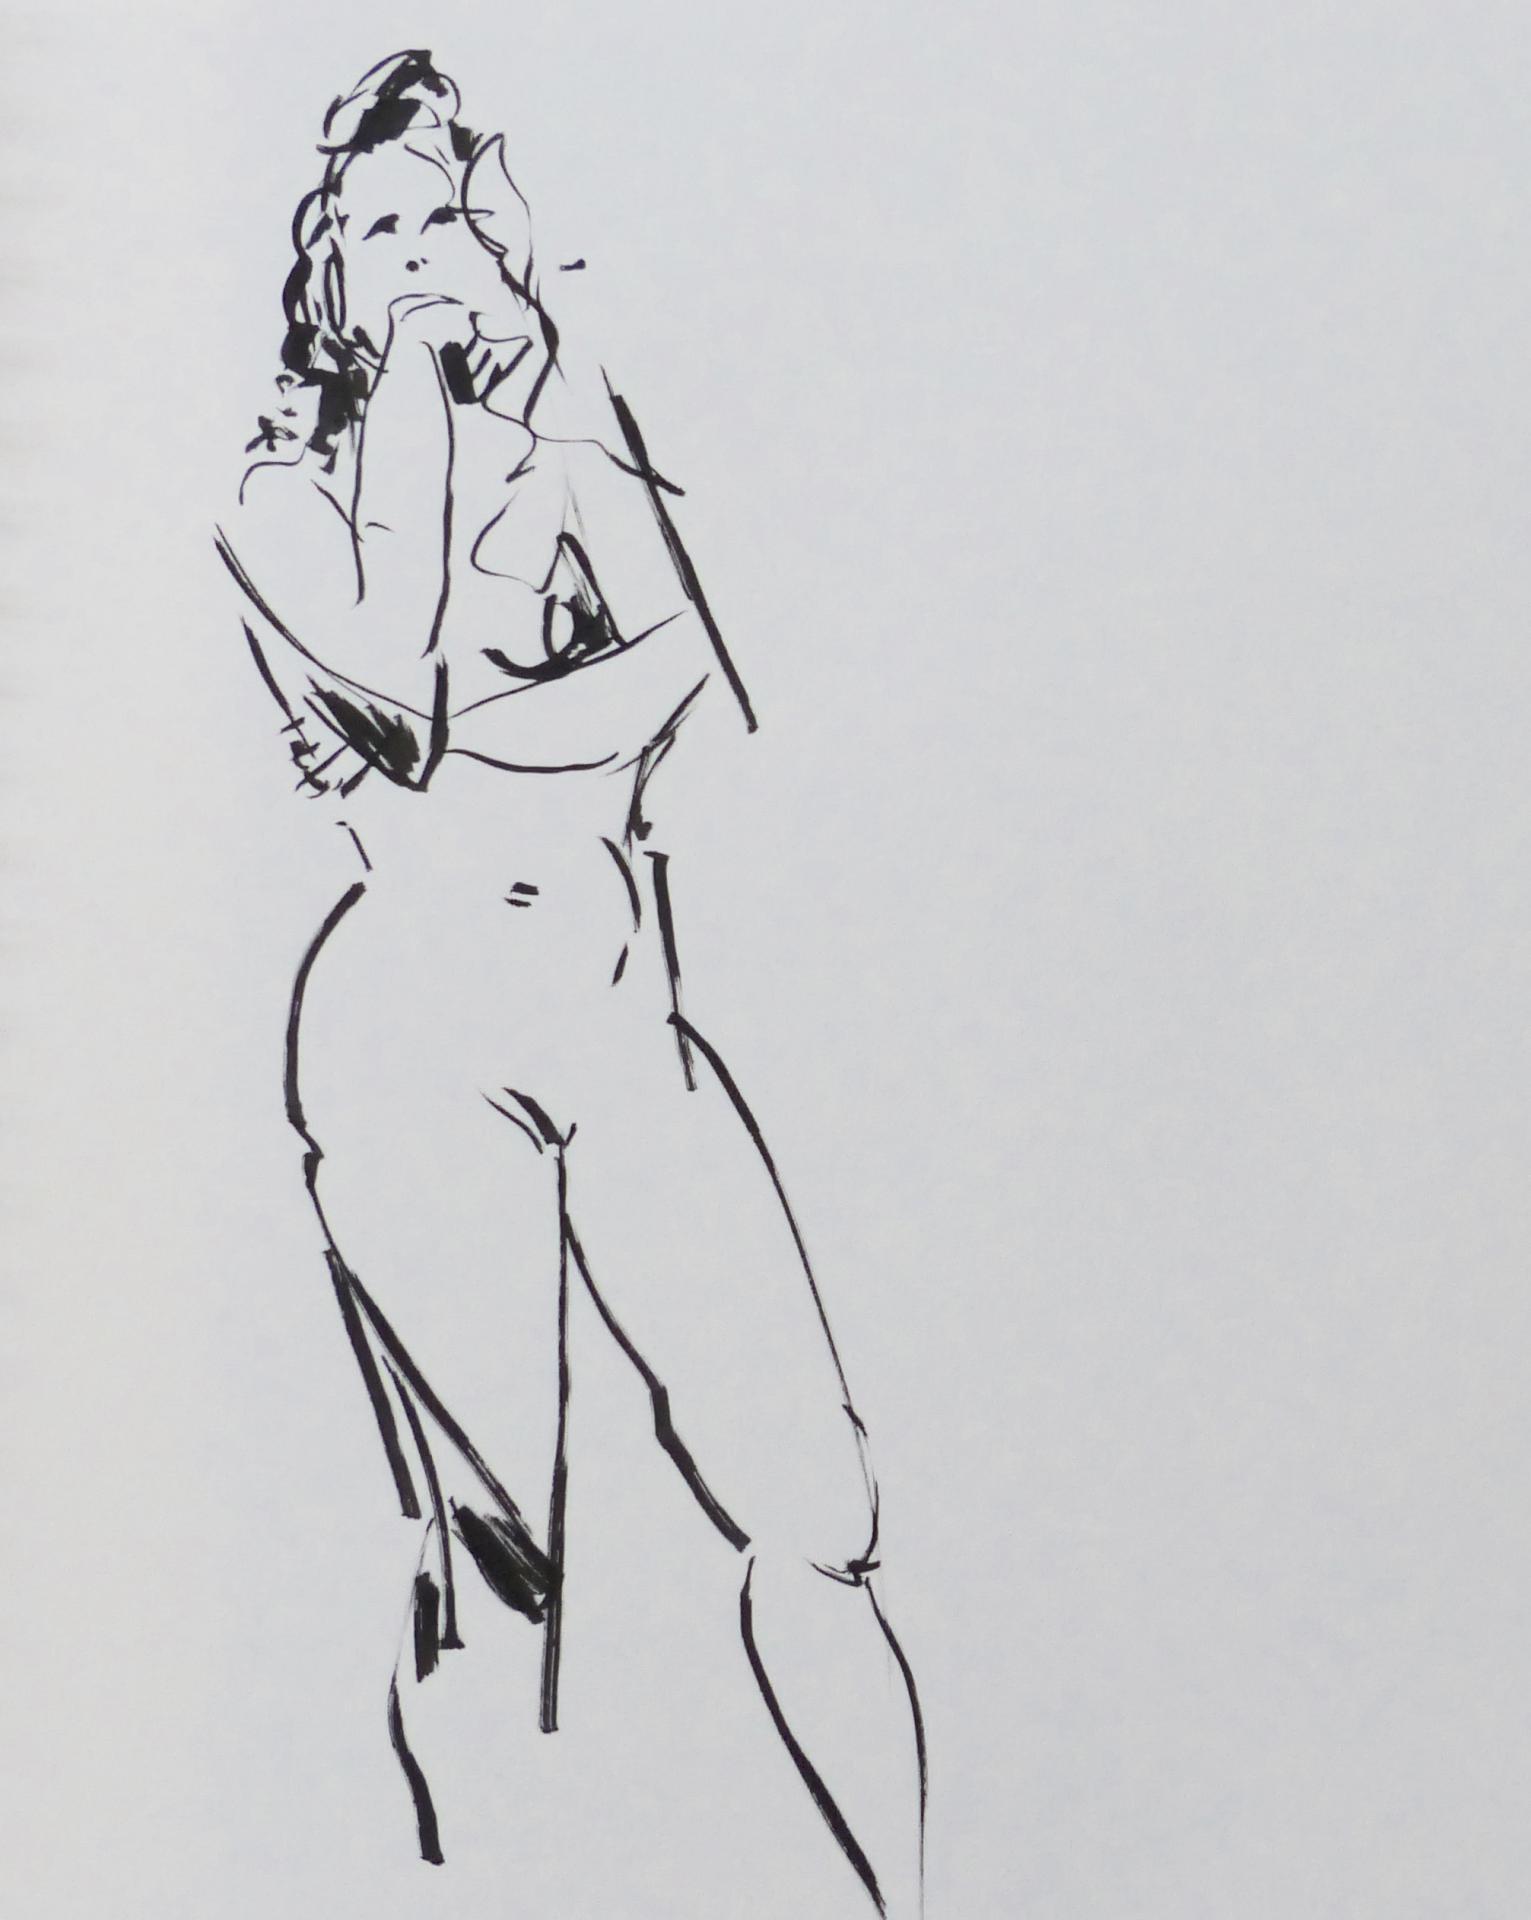 TAJ 3